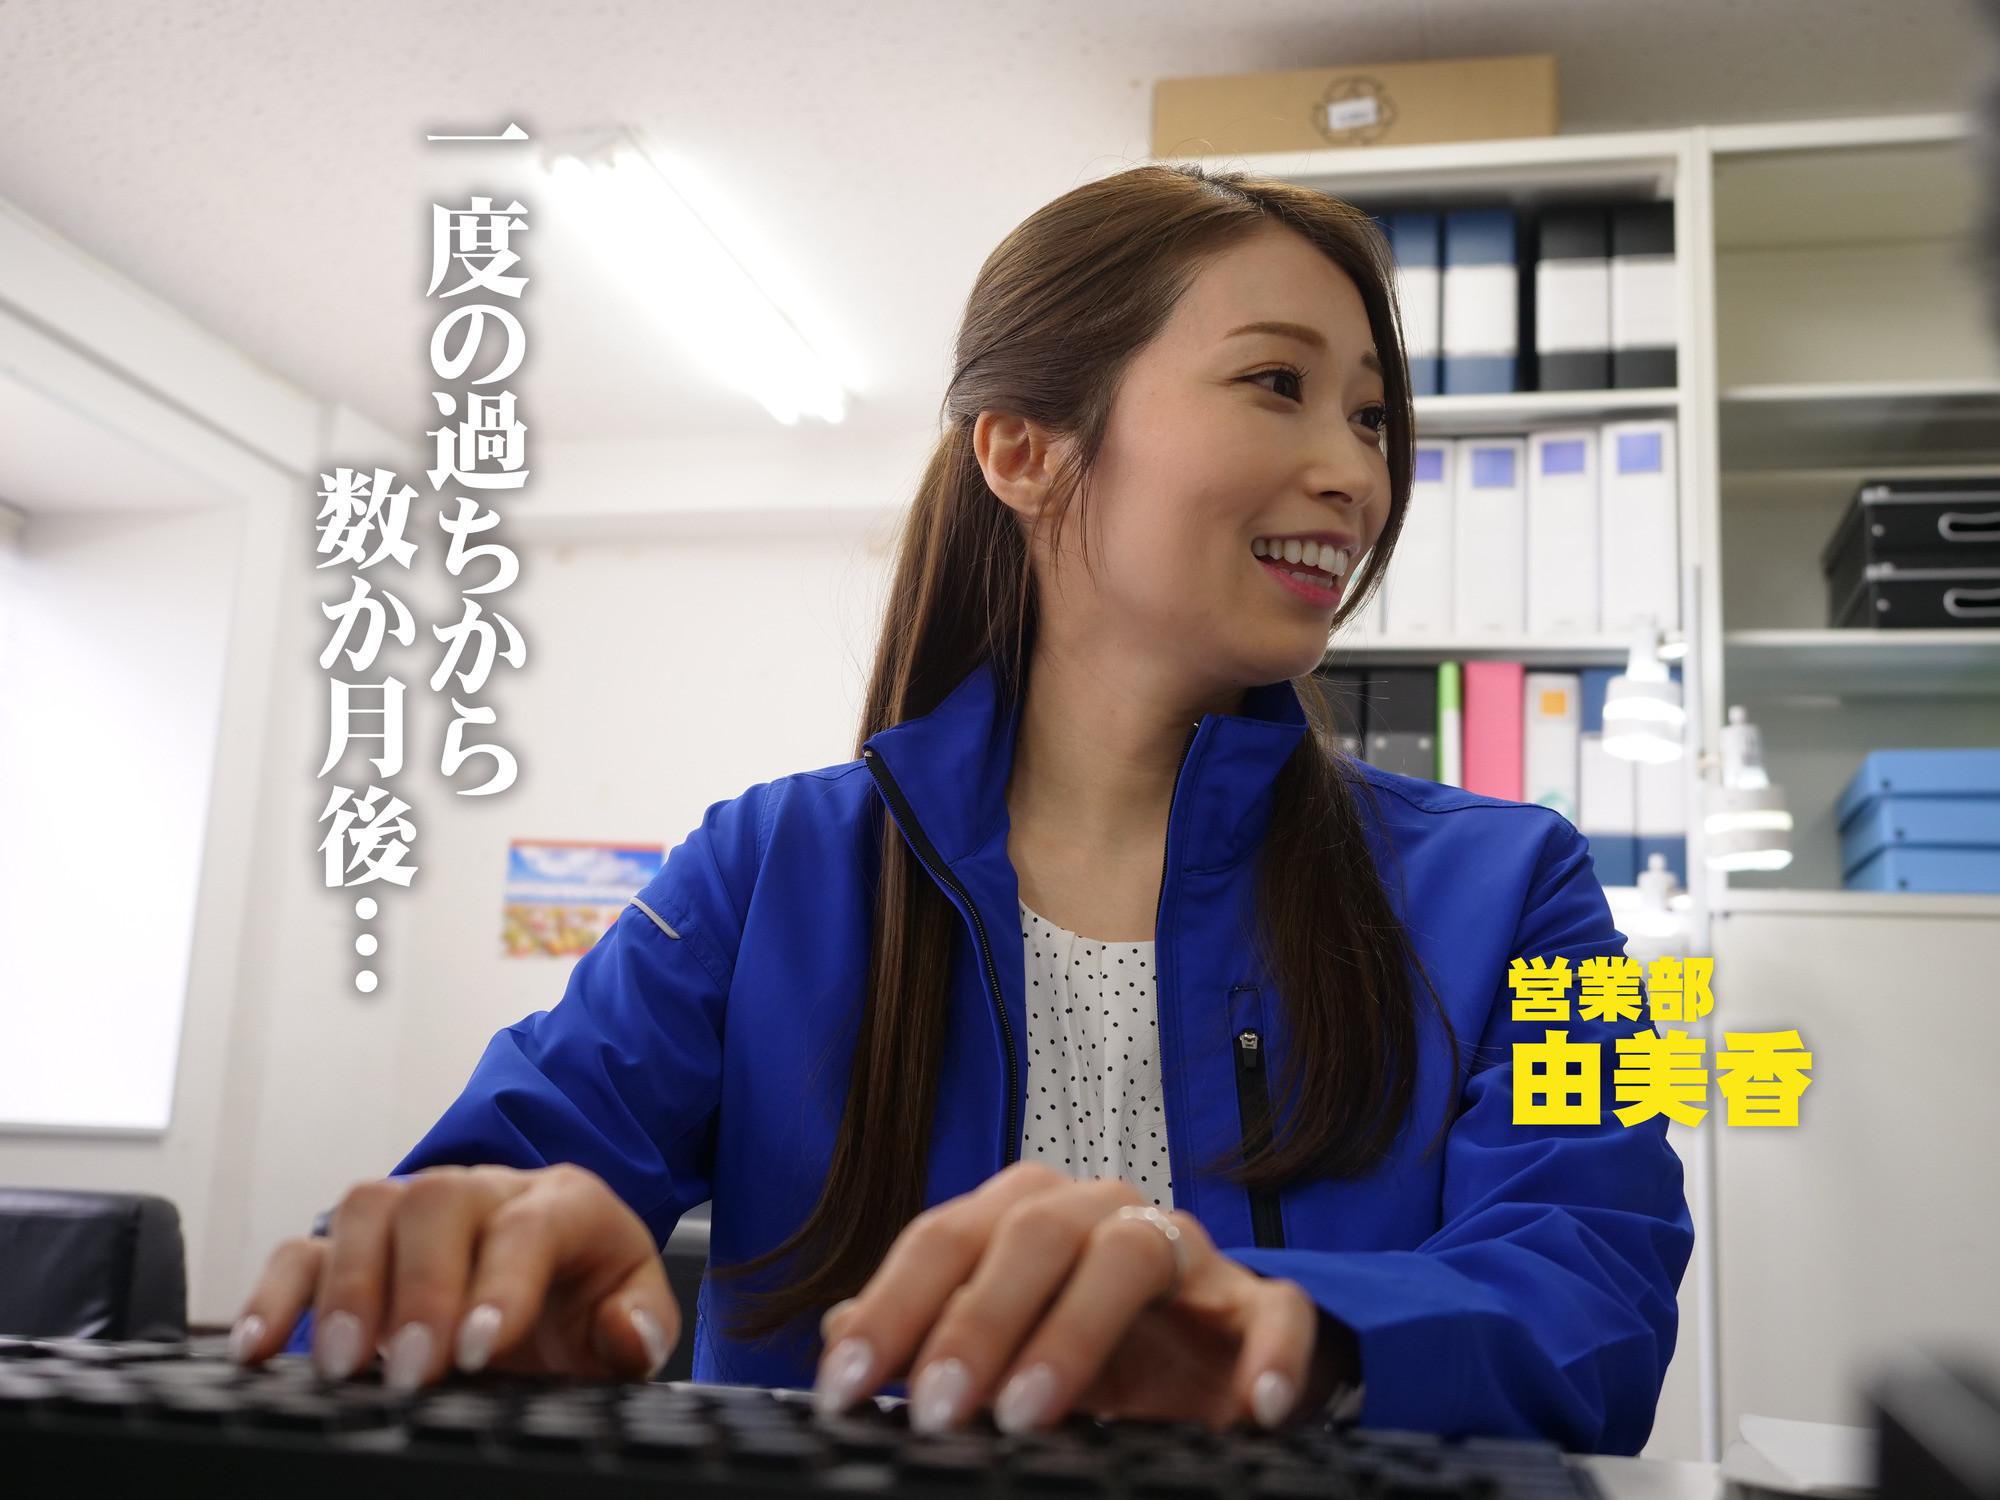 職場でヤレる女 営業部由美香 31歳 勤務中に生でハメて膣内射精した性交記録,のサンプル画像2